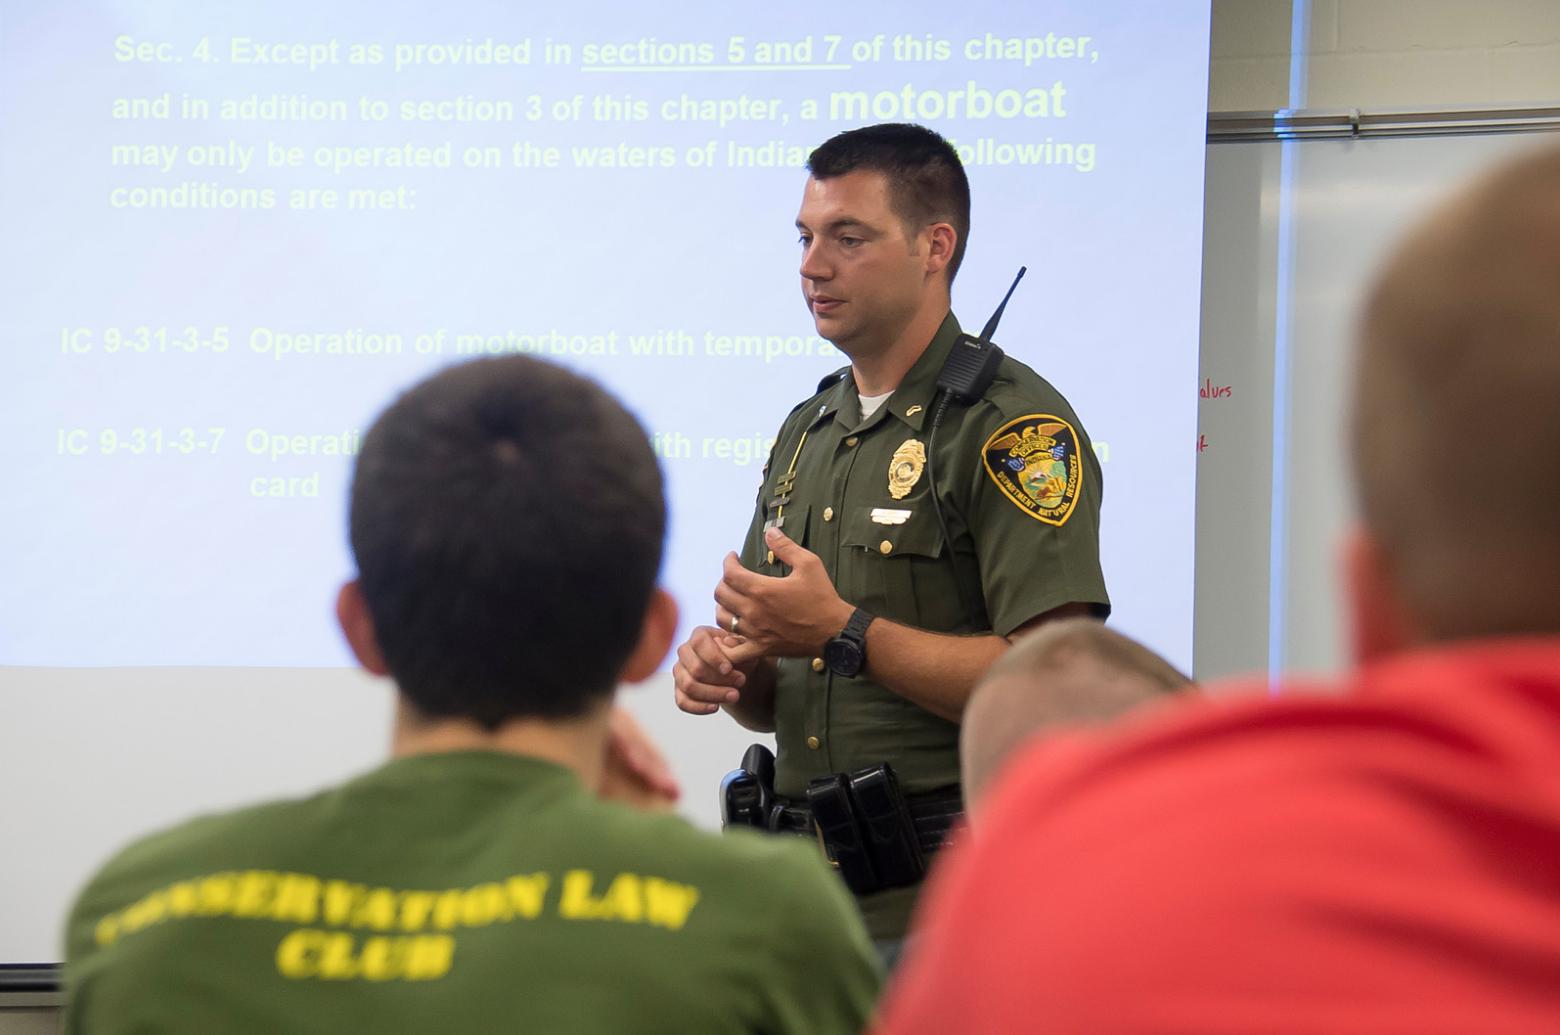 Law Enforcement (AS)